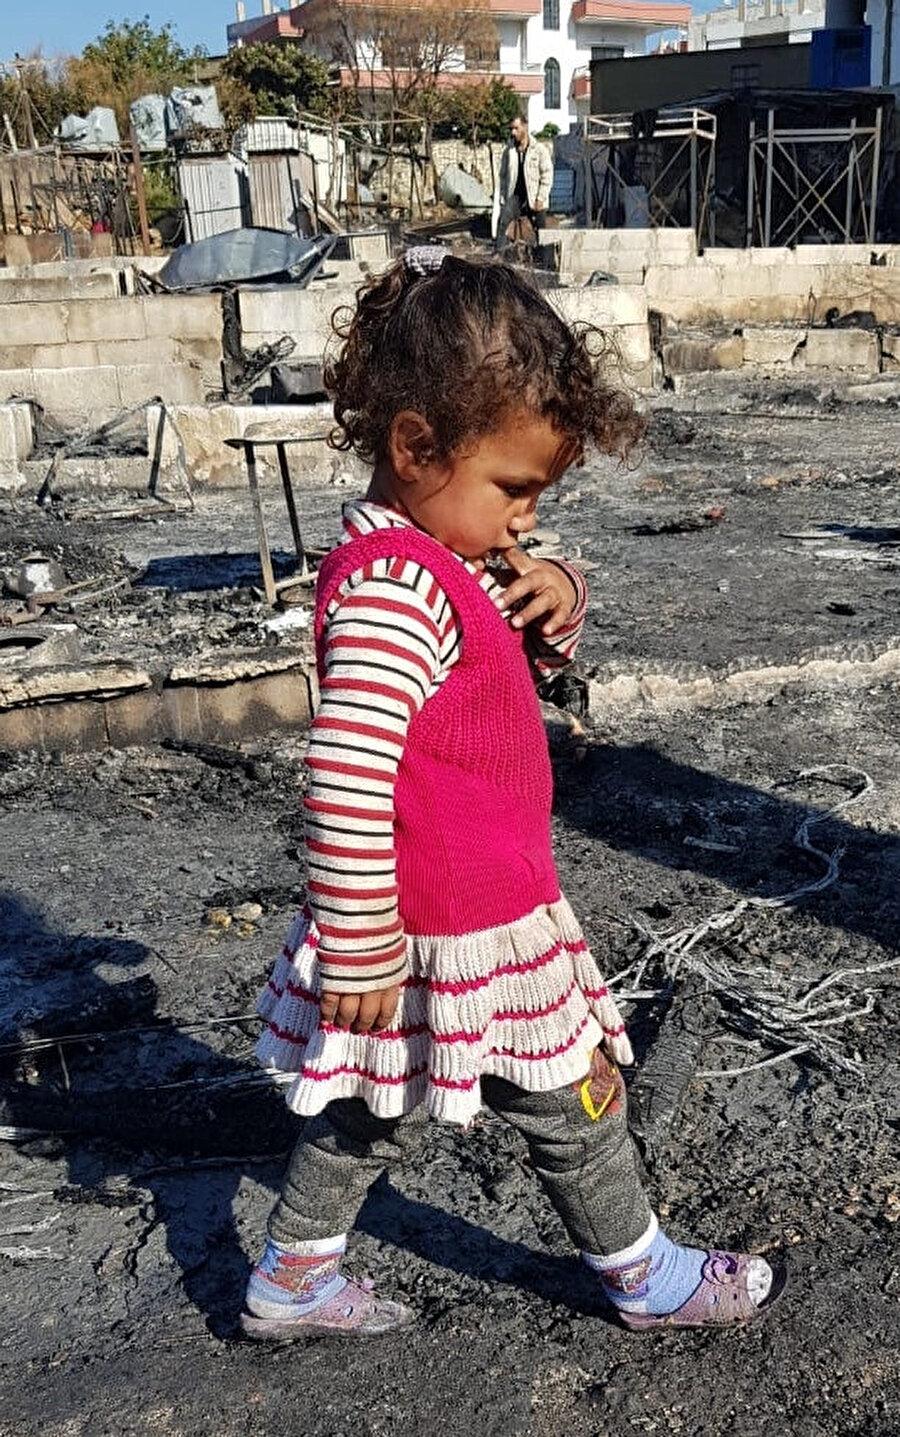 Yangının gerçekleştiği noktada eşyalarını arayan mülteci çocuk.